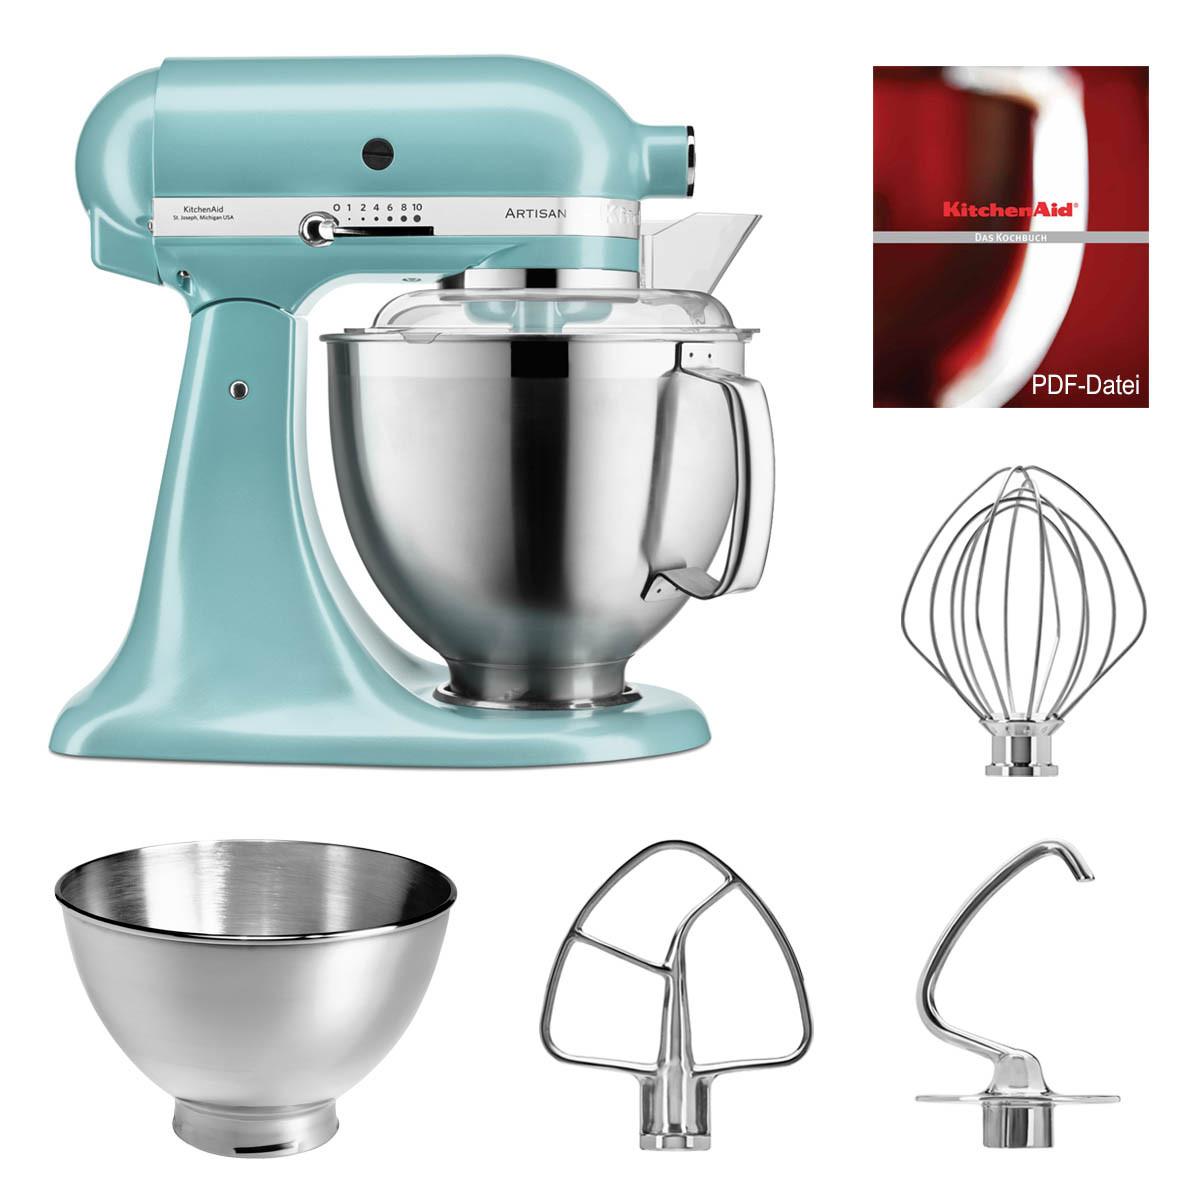 Großartig Küchengeräte Angebote Bündelt Uk Fotos - Küchenschrank ...